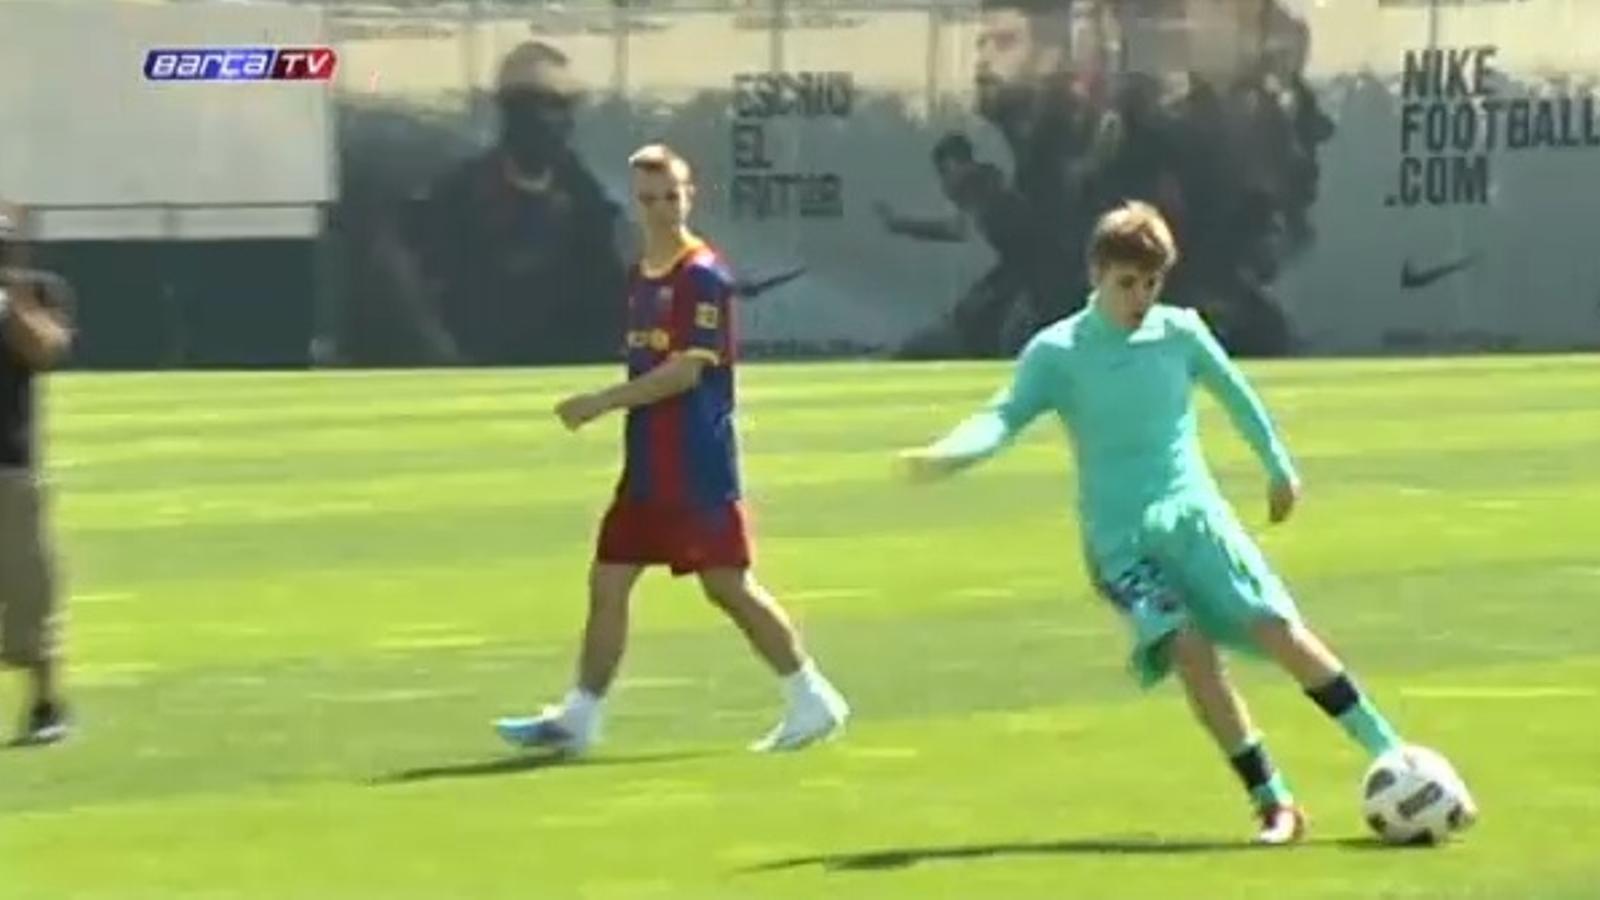 Justin Bieber juga un partidet de futbol amb els jugadors del Barça